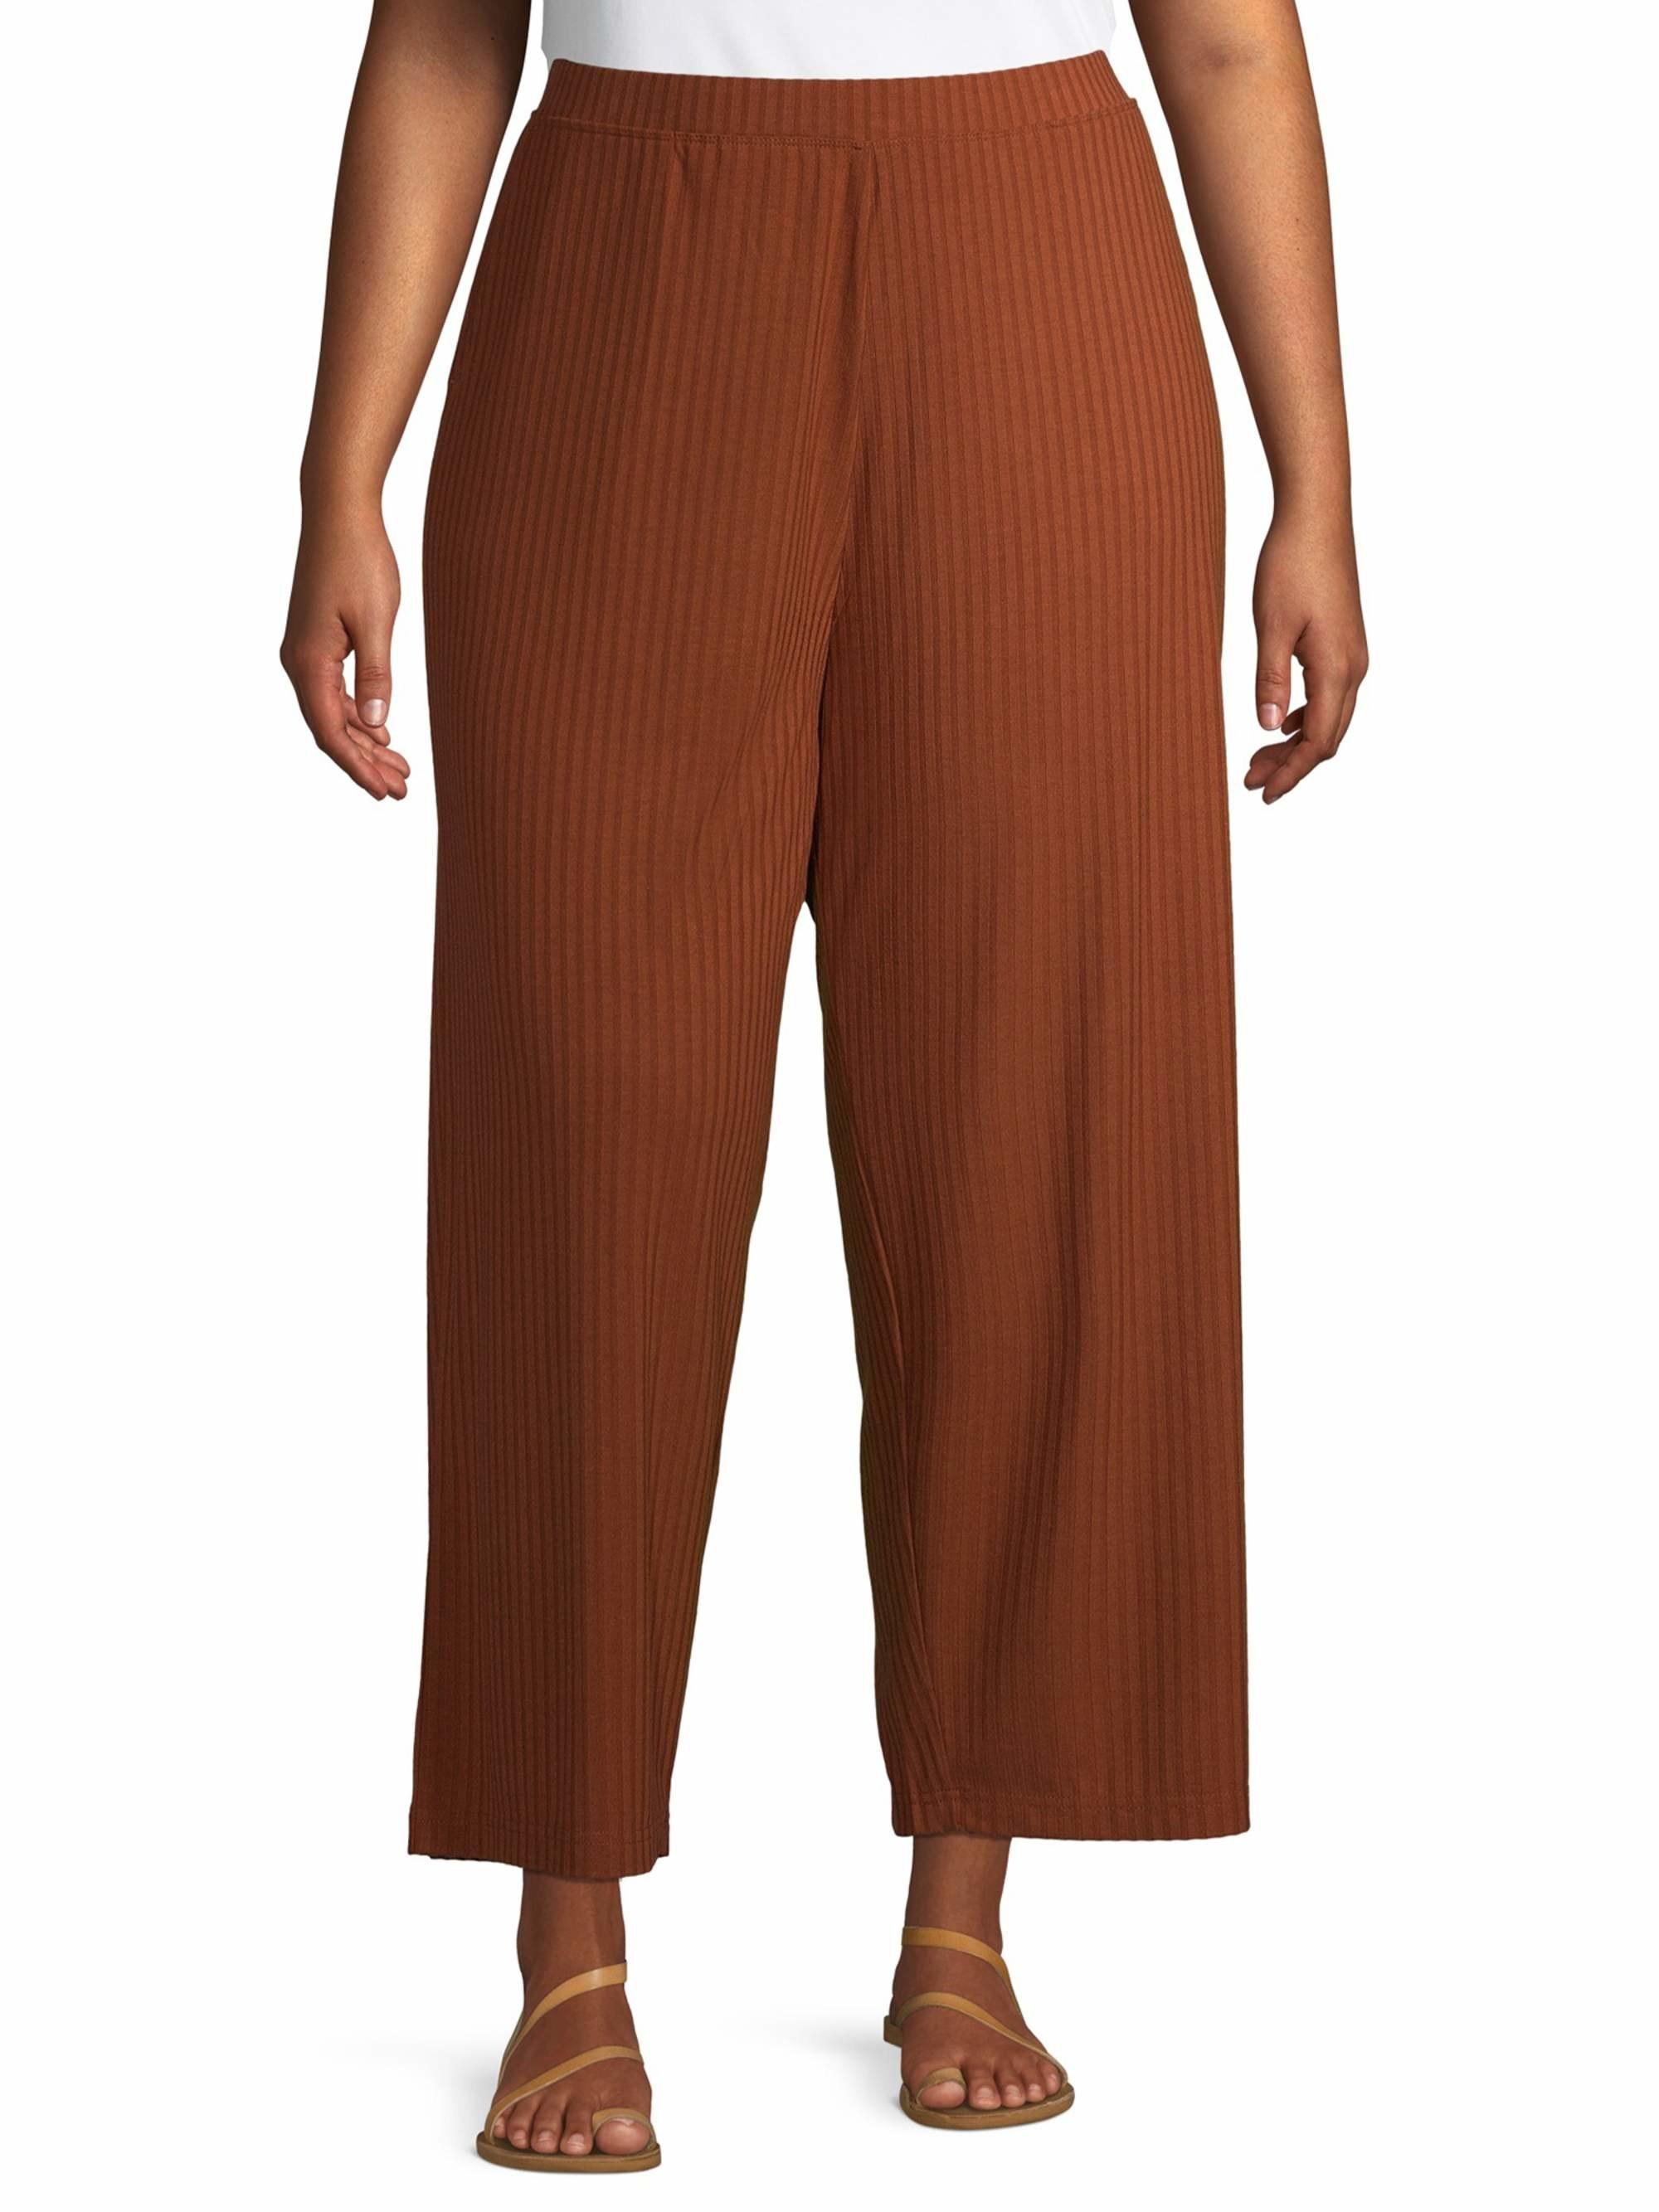 Model wears culotte-style pants